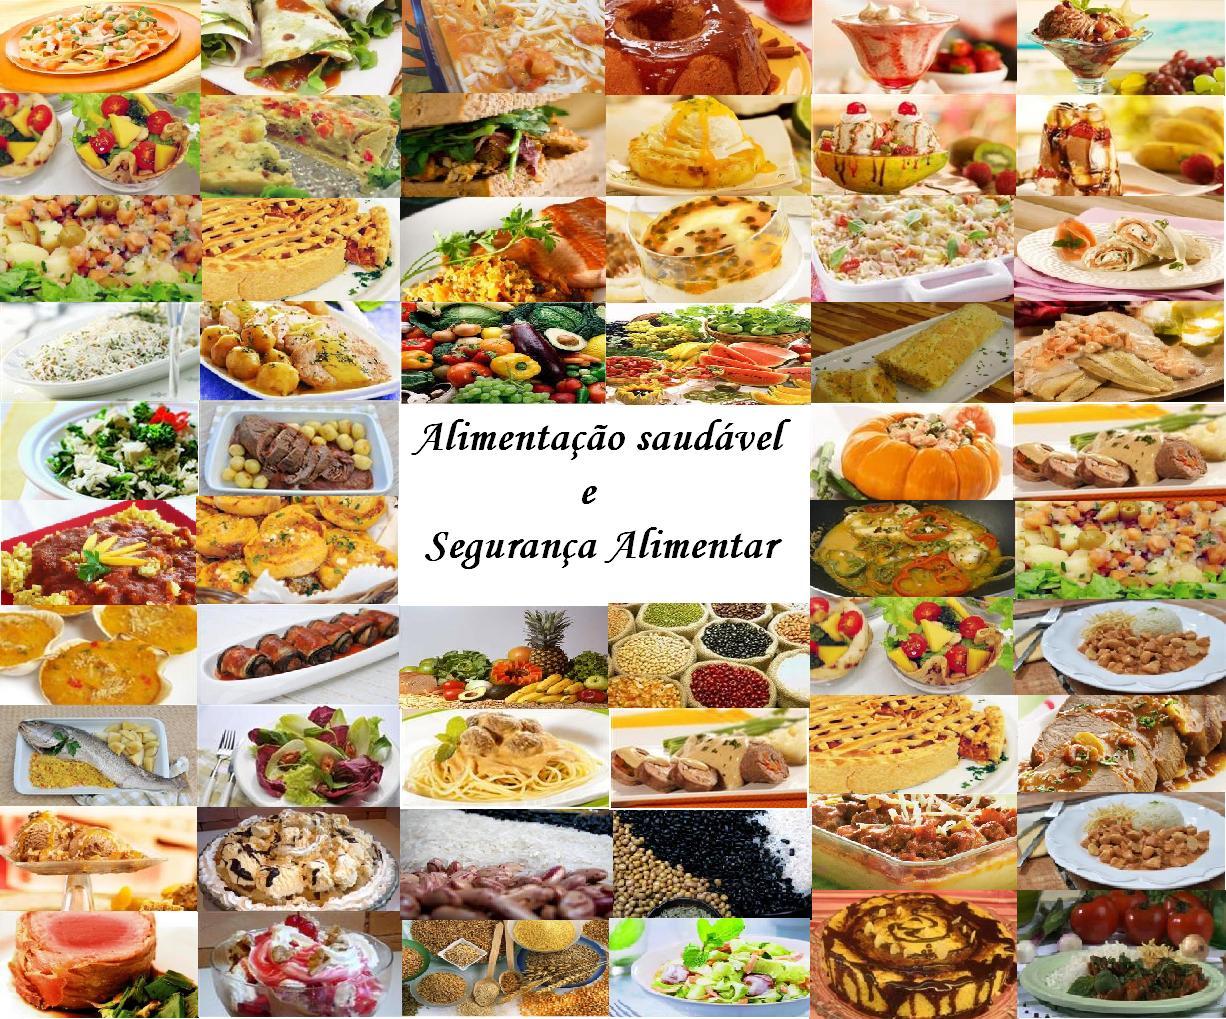 Alimentação Saudável e Segurança Alimentar